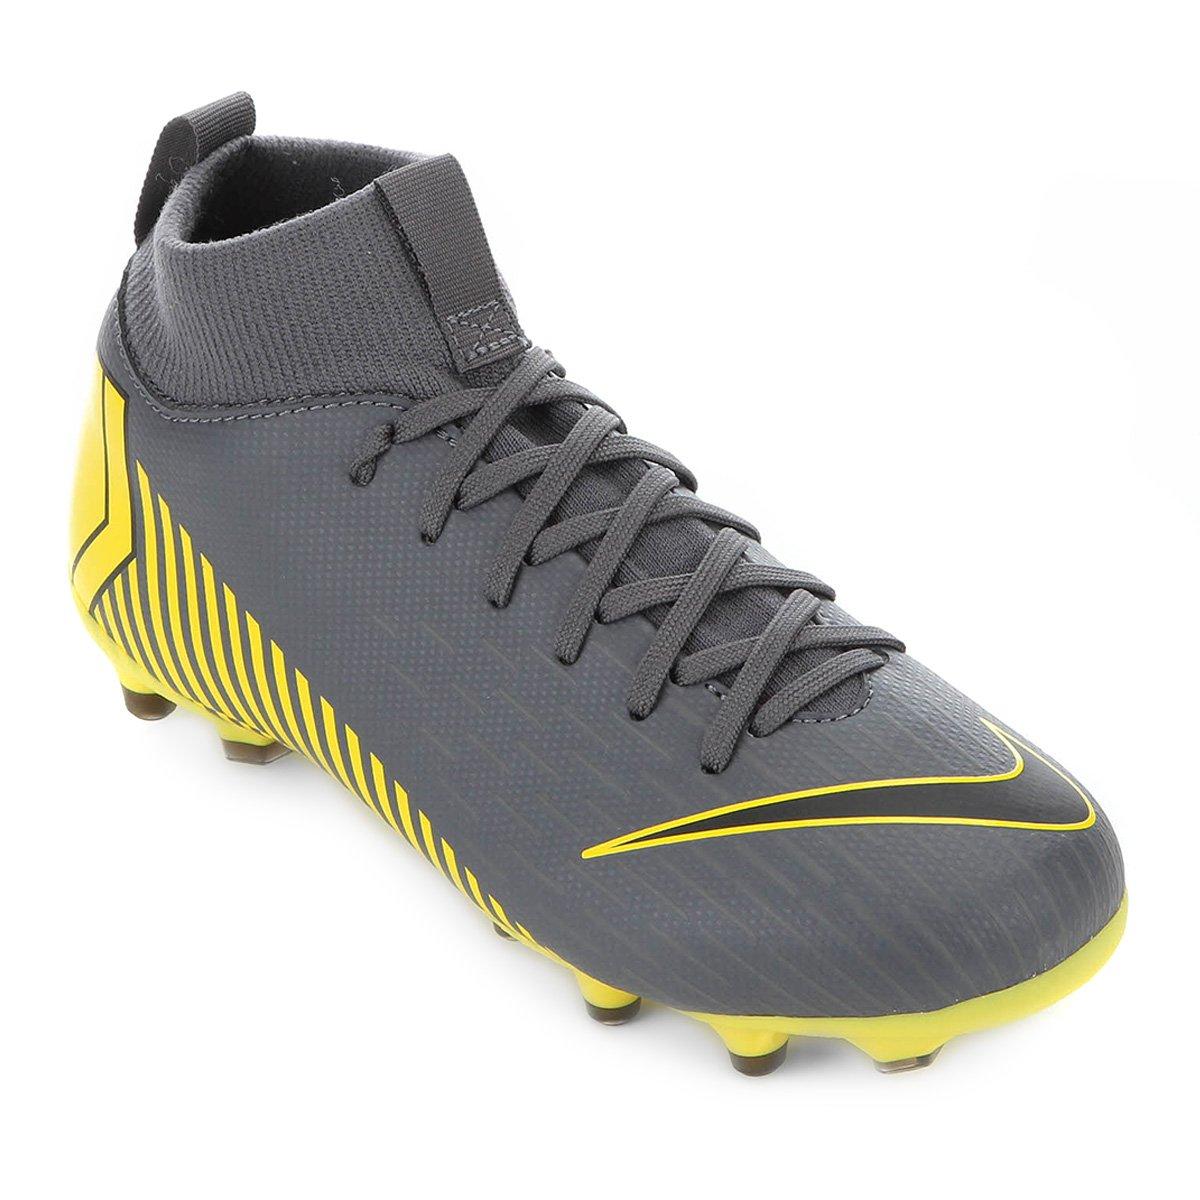 fee647a5418e3 Chuteira Campo Infantil Nike Mercurial Superfly 6 Academy GS FG - Cinza |  Allianz Parque Shop